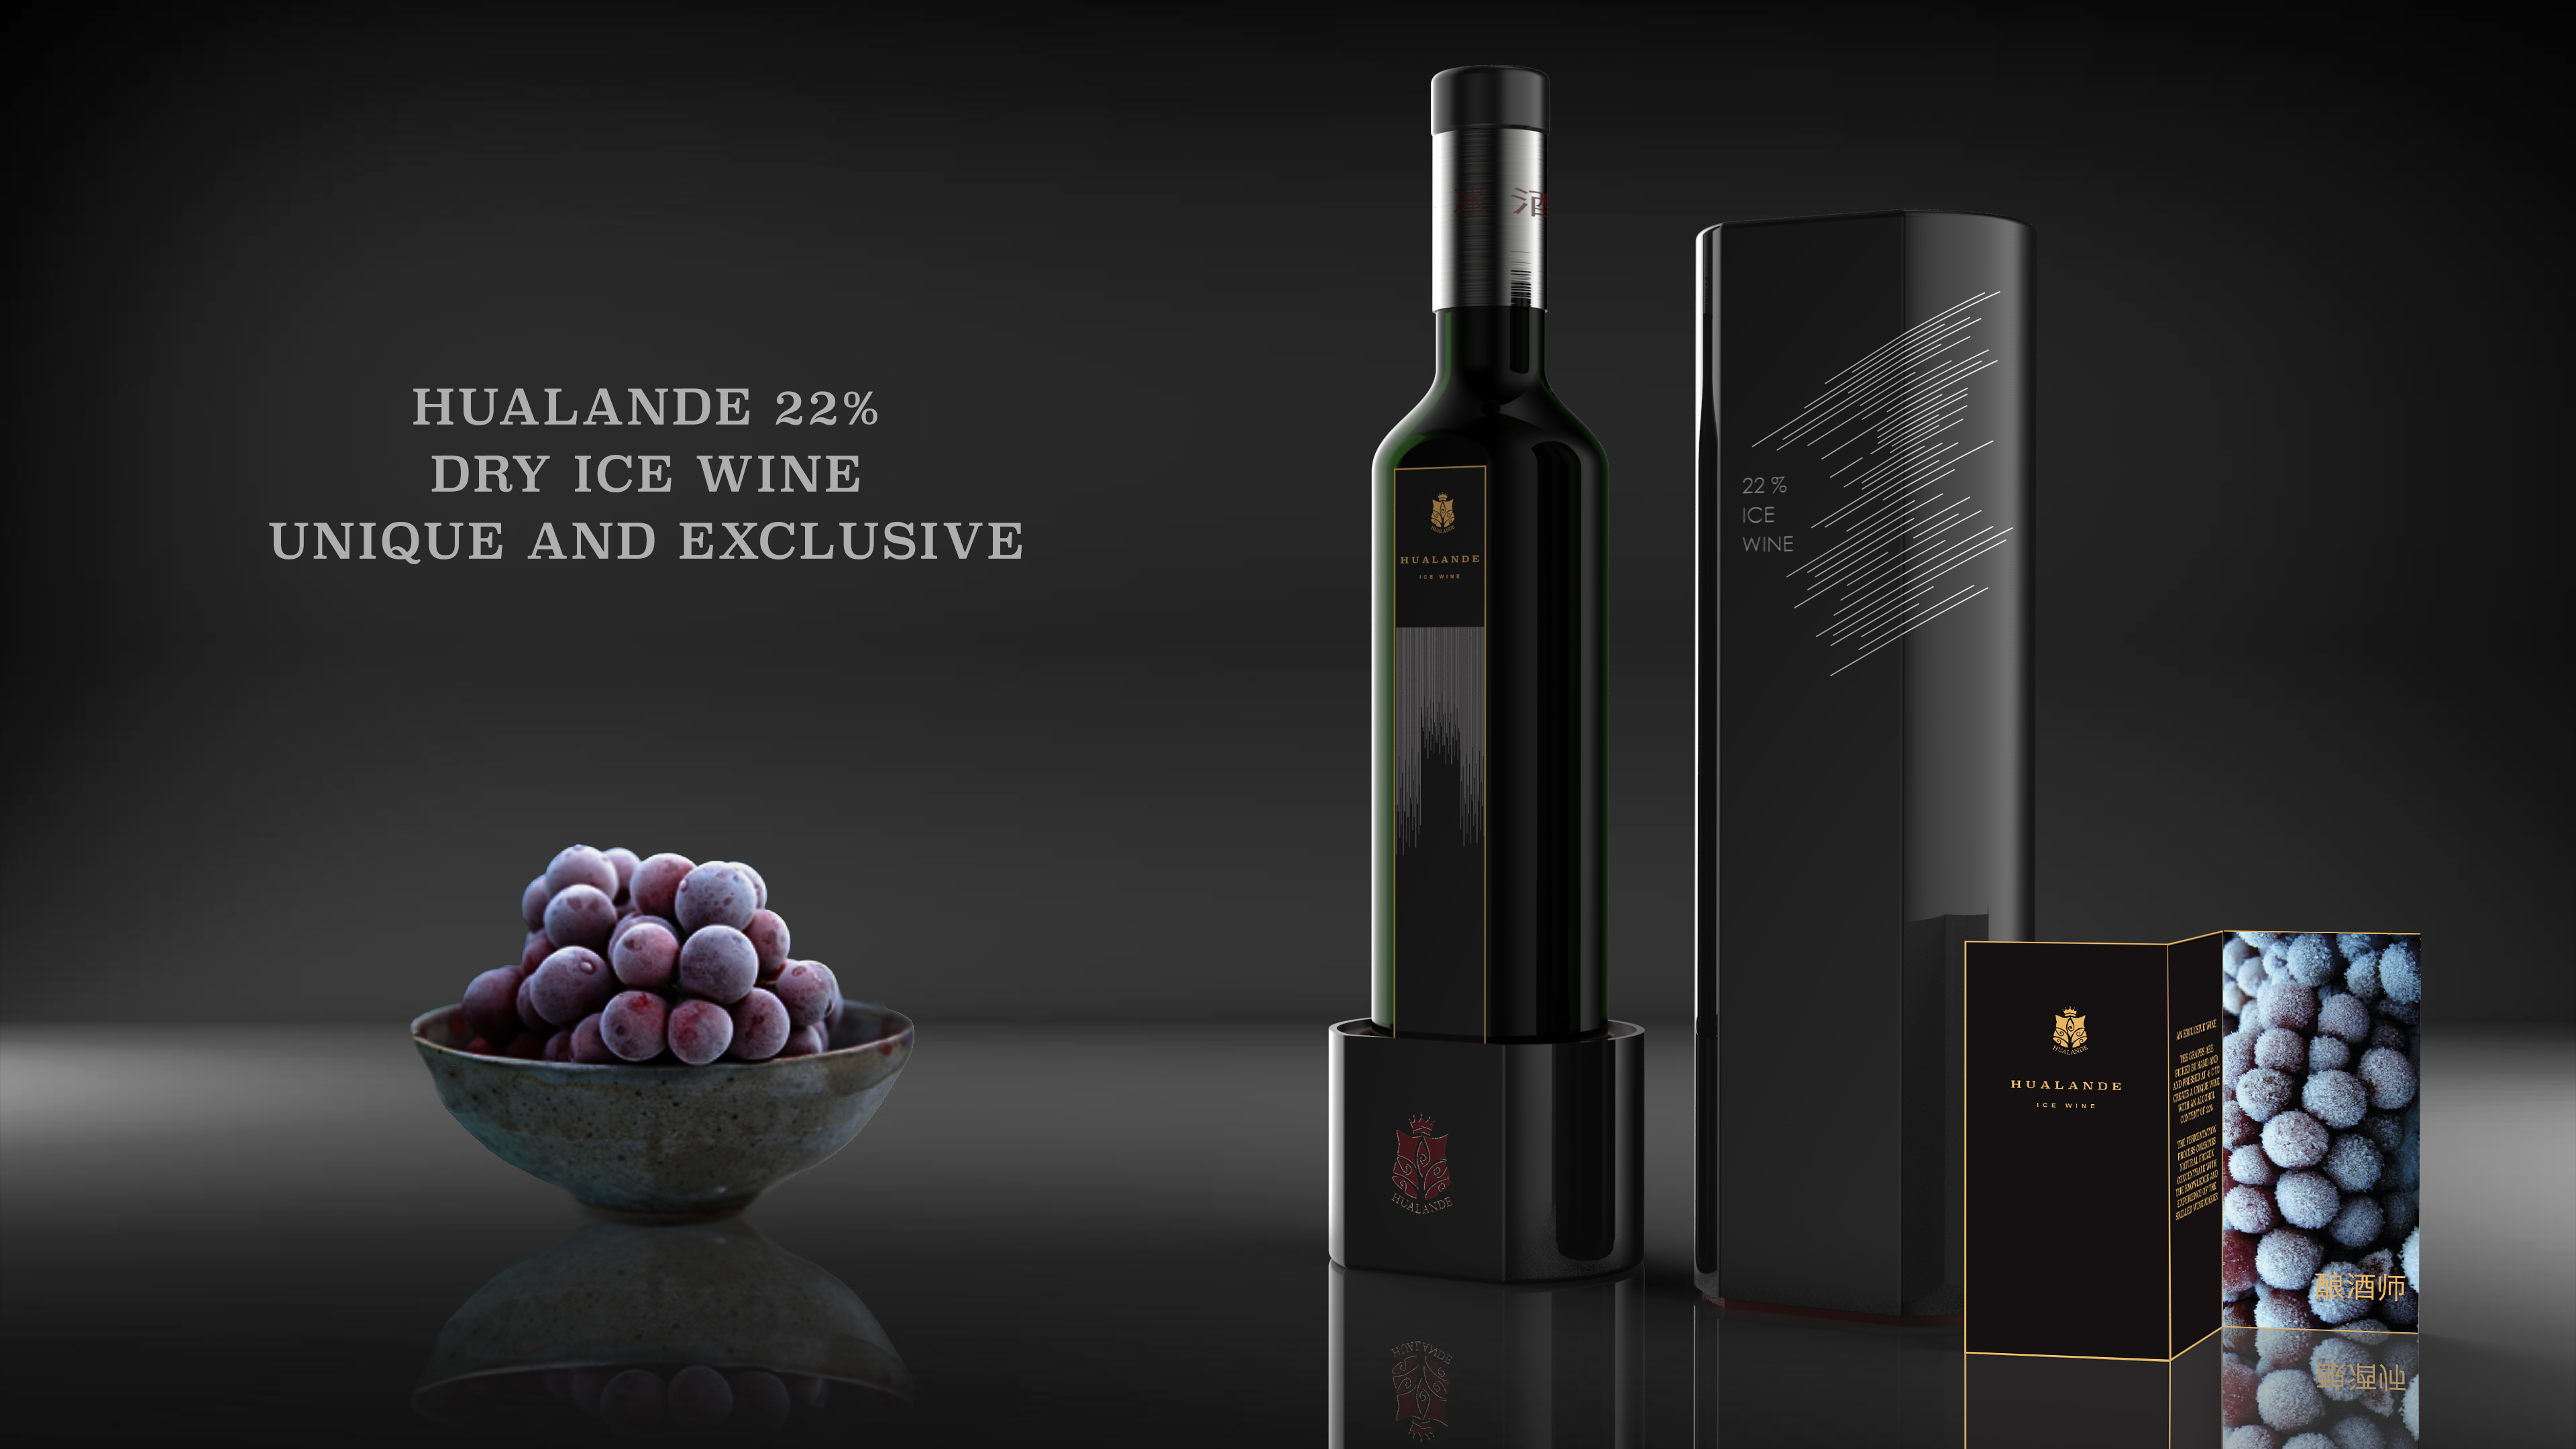 Hualande wine